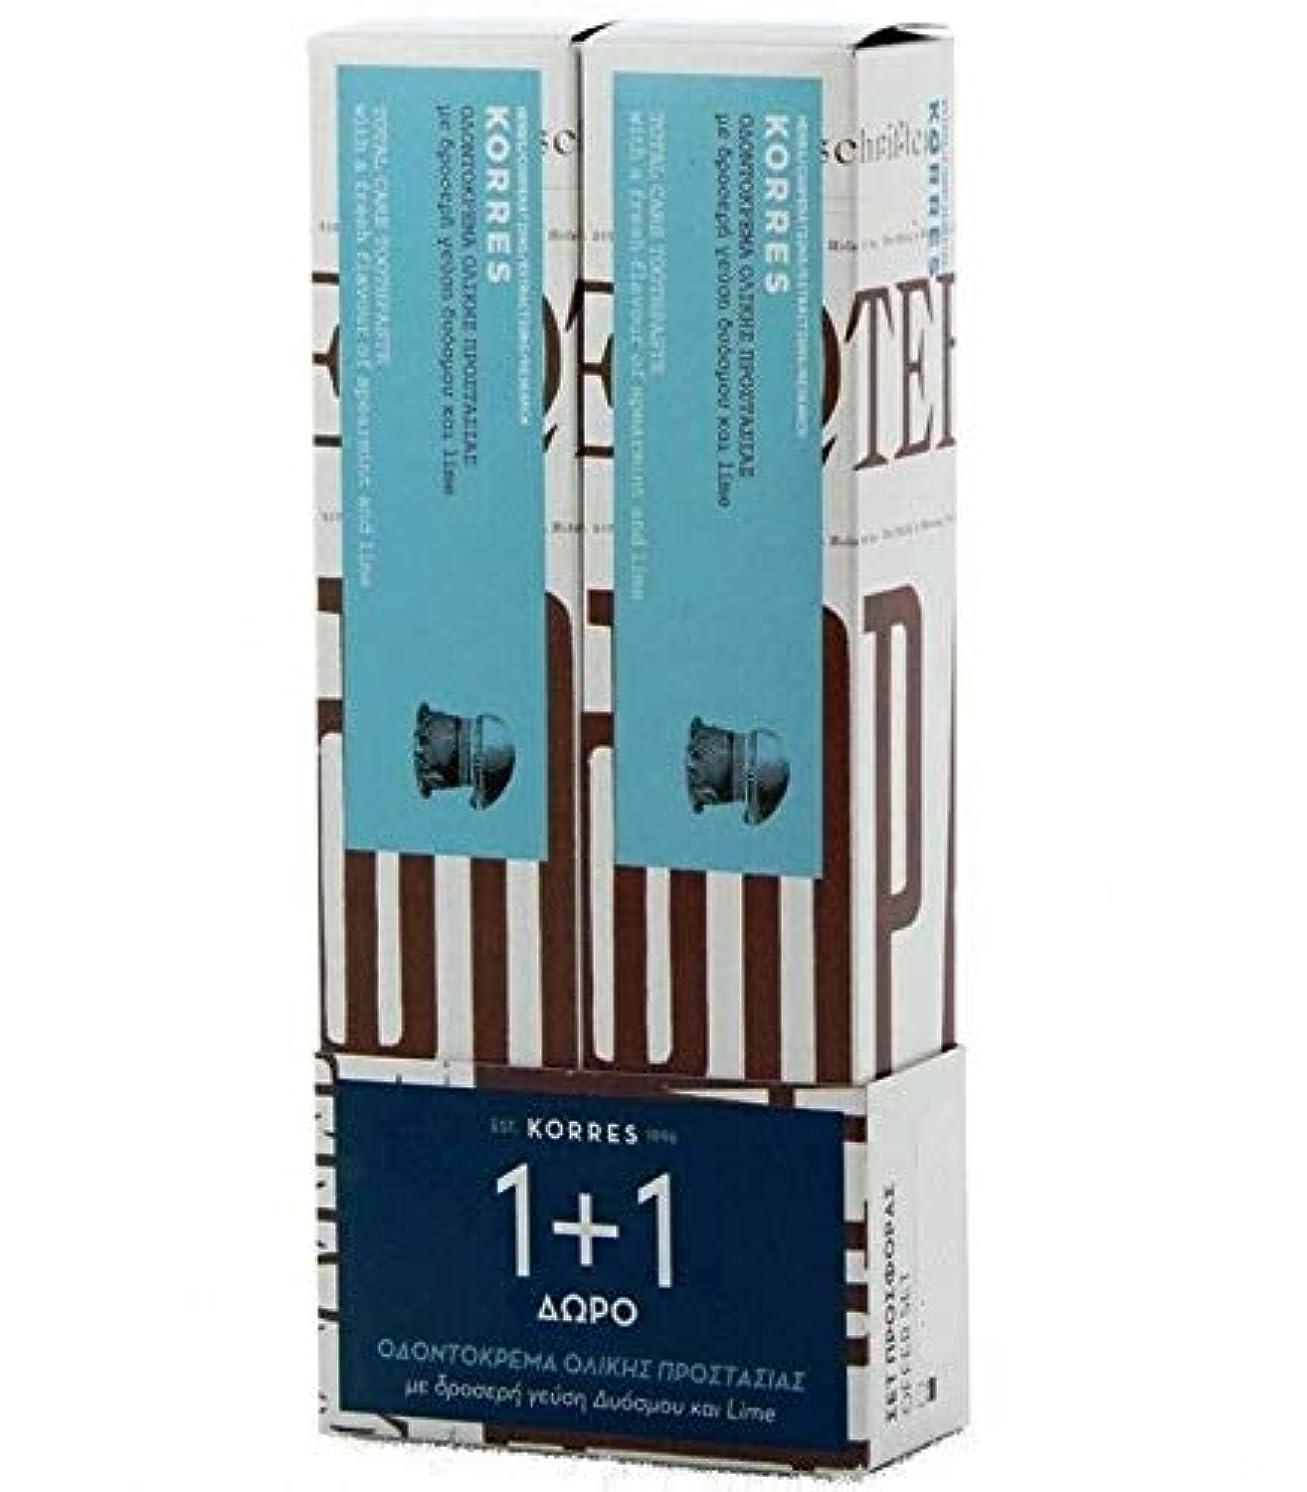 下に全部遷移Korres トータルケア歯磨き粉 フレッシュフレーバーオブスペアミント&ライム 1+1 提供